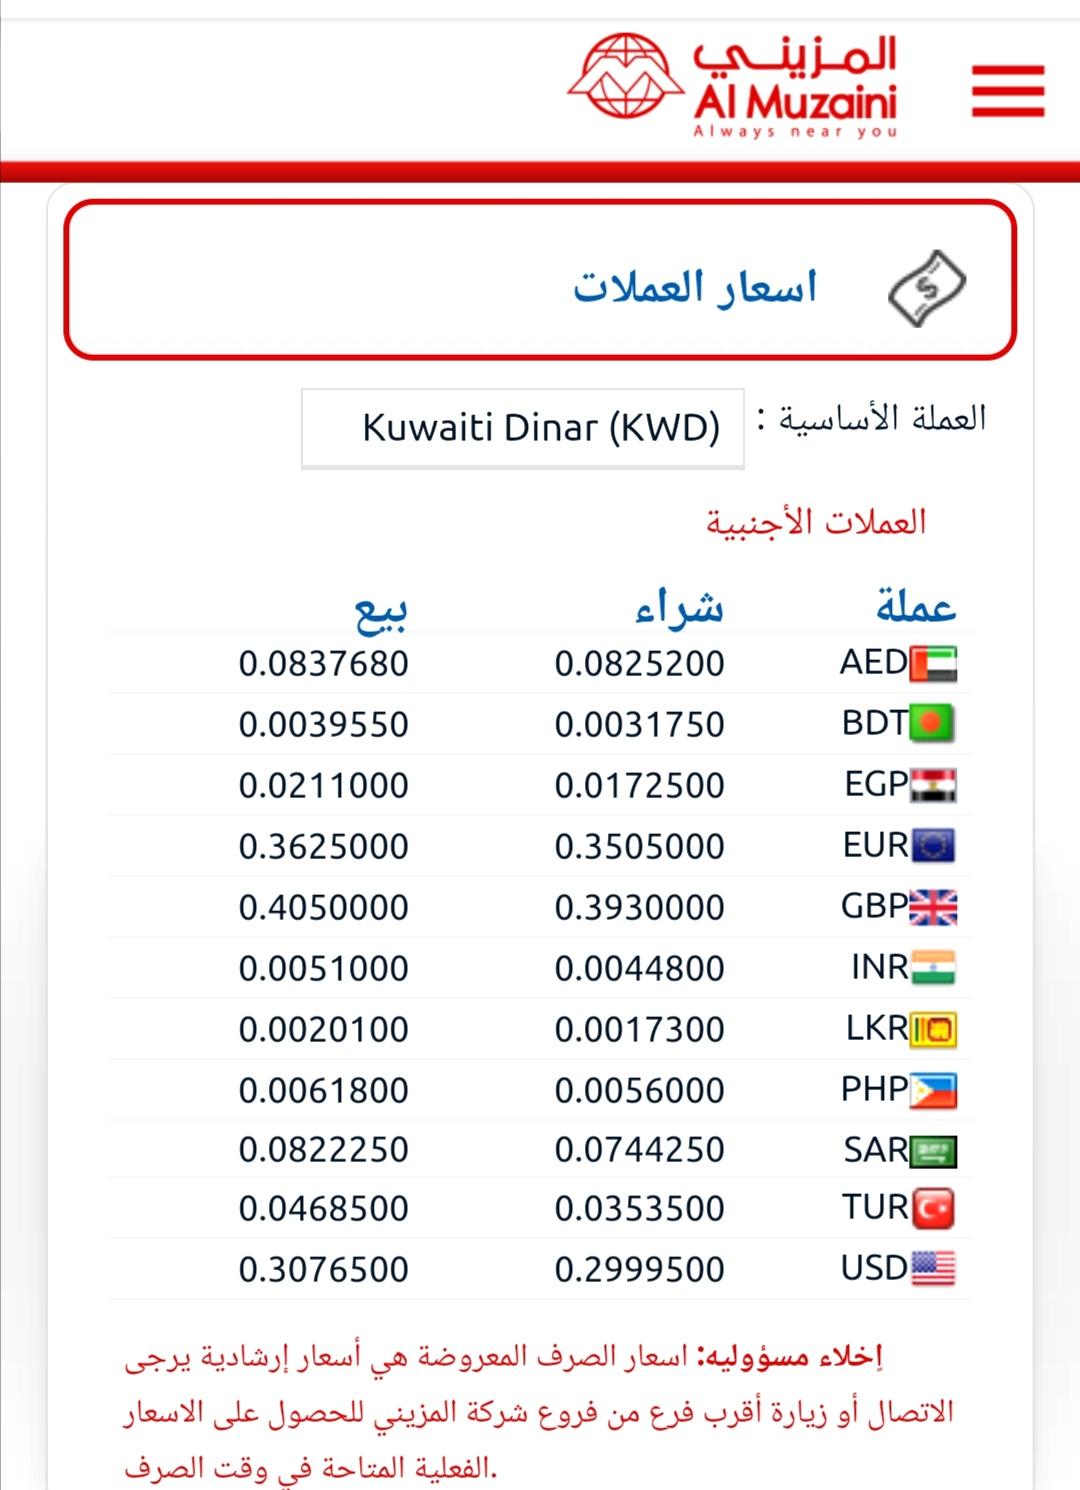 اسعار التحويل اليوم سعر الالف في المزيني اليوم تحويل عملات مقابل الدينار الكويتى ١٣ أغسطس